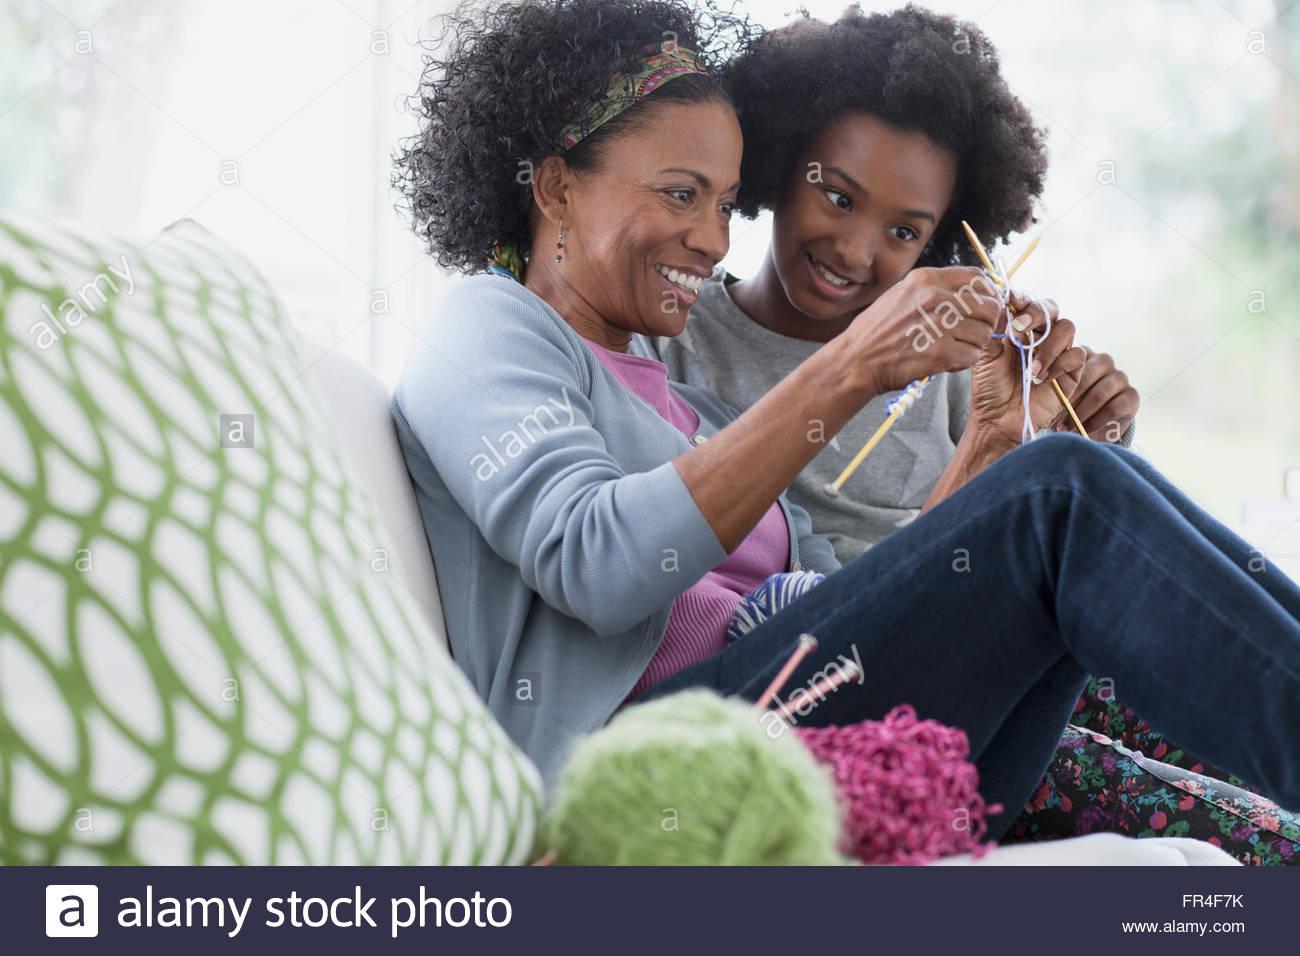 african crafts stockfotos african crafts bilder alamy. Black Bedroom Furniture Sets. Home Design Ideas